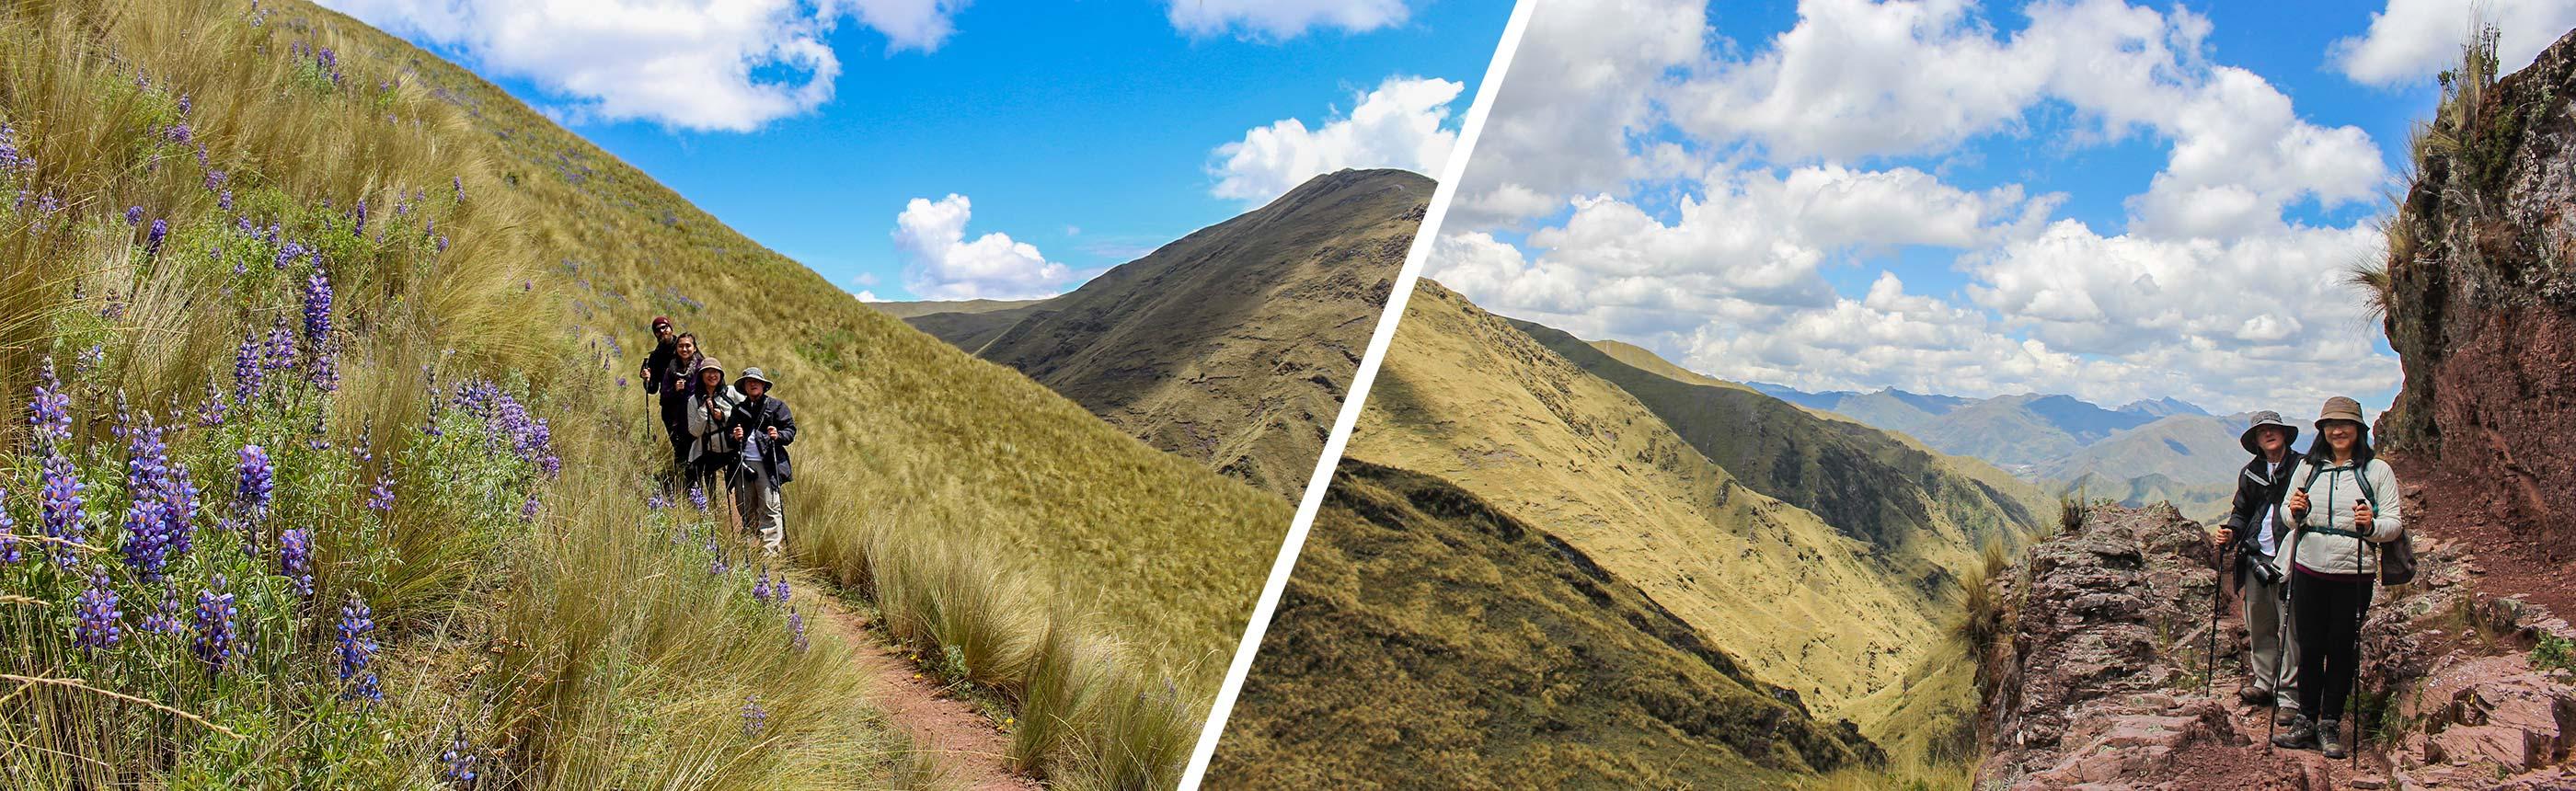 Huchuy Qosqo to Machu Picchu Trek 3D/2N With Local Experts